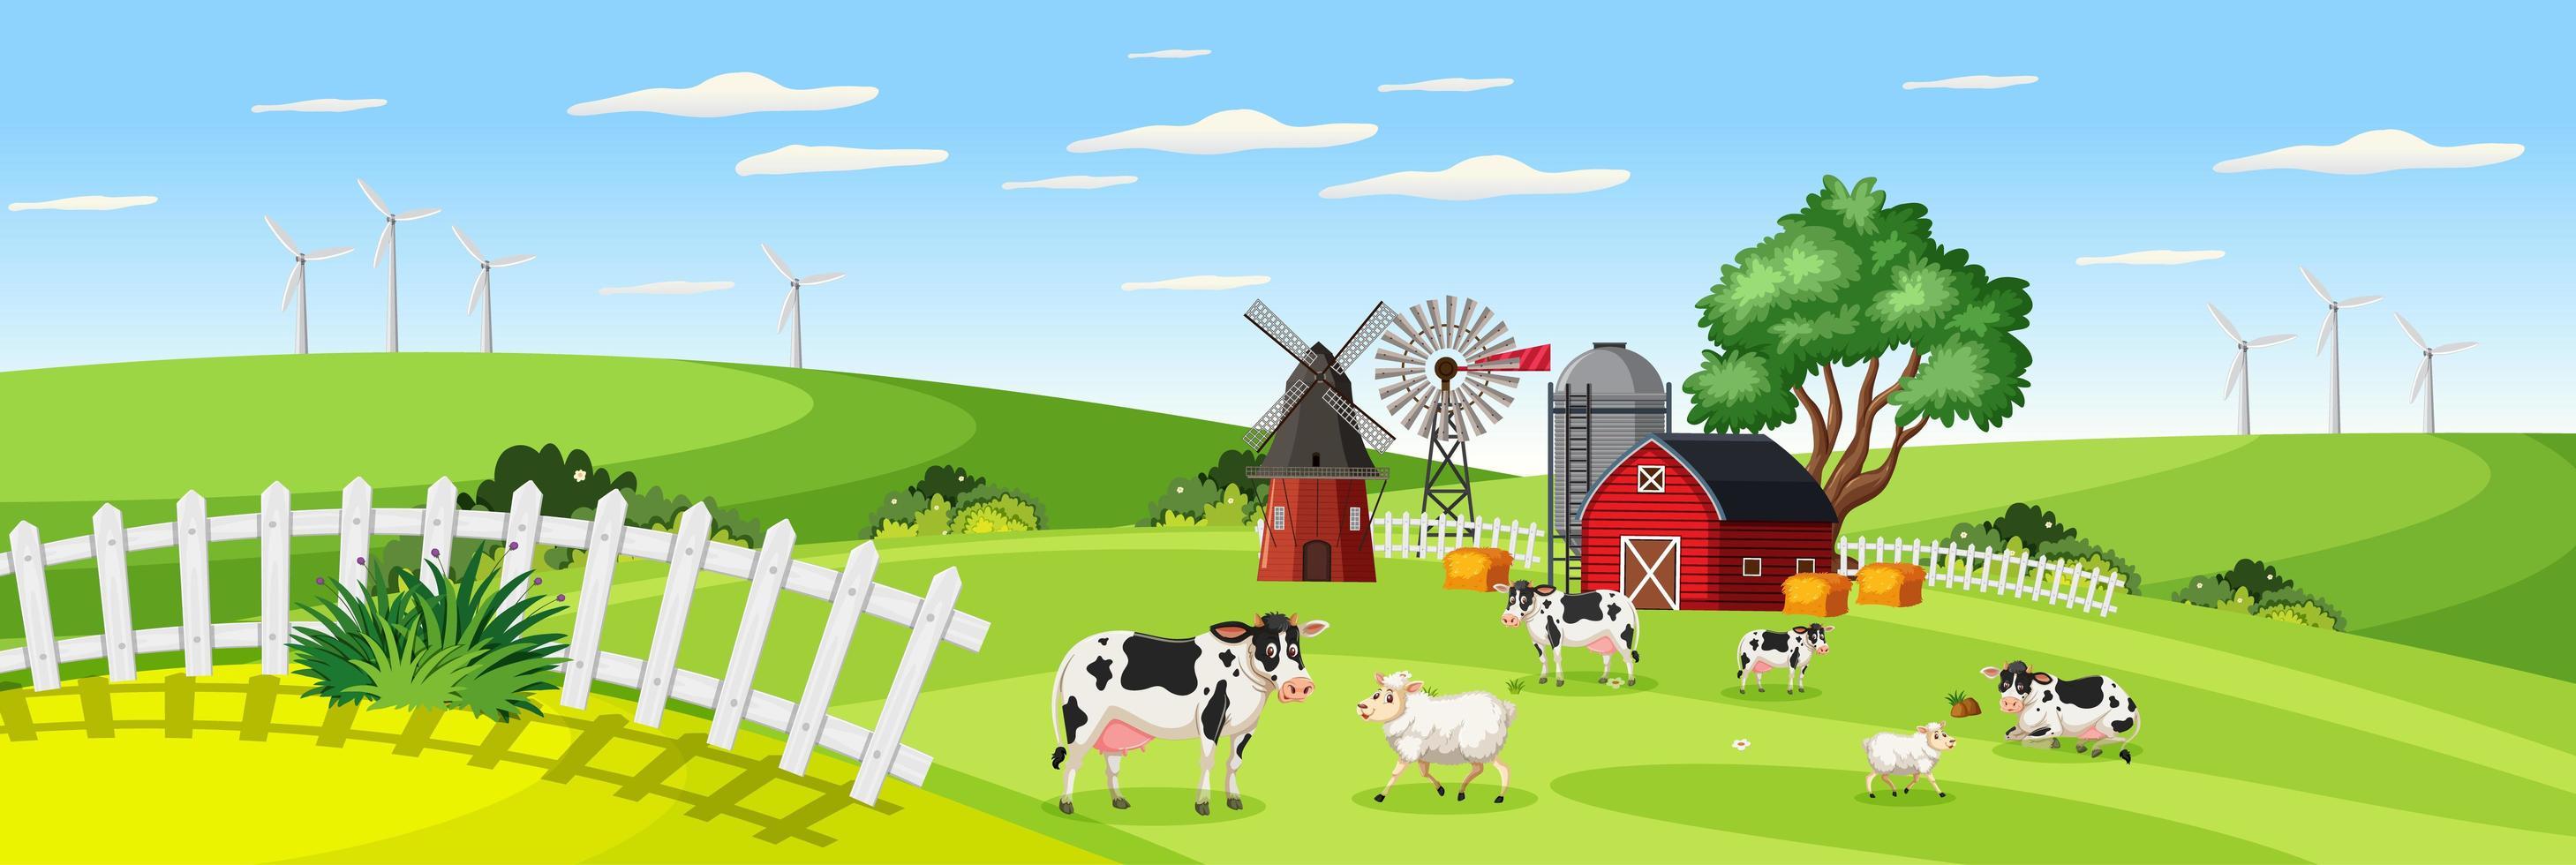 gårdslandskap med djurgård i fält och röd ladugård under sommarsäsongen vektor